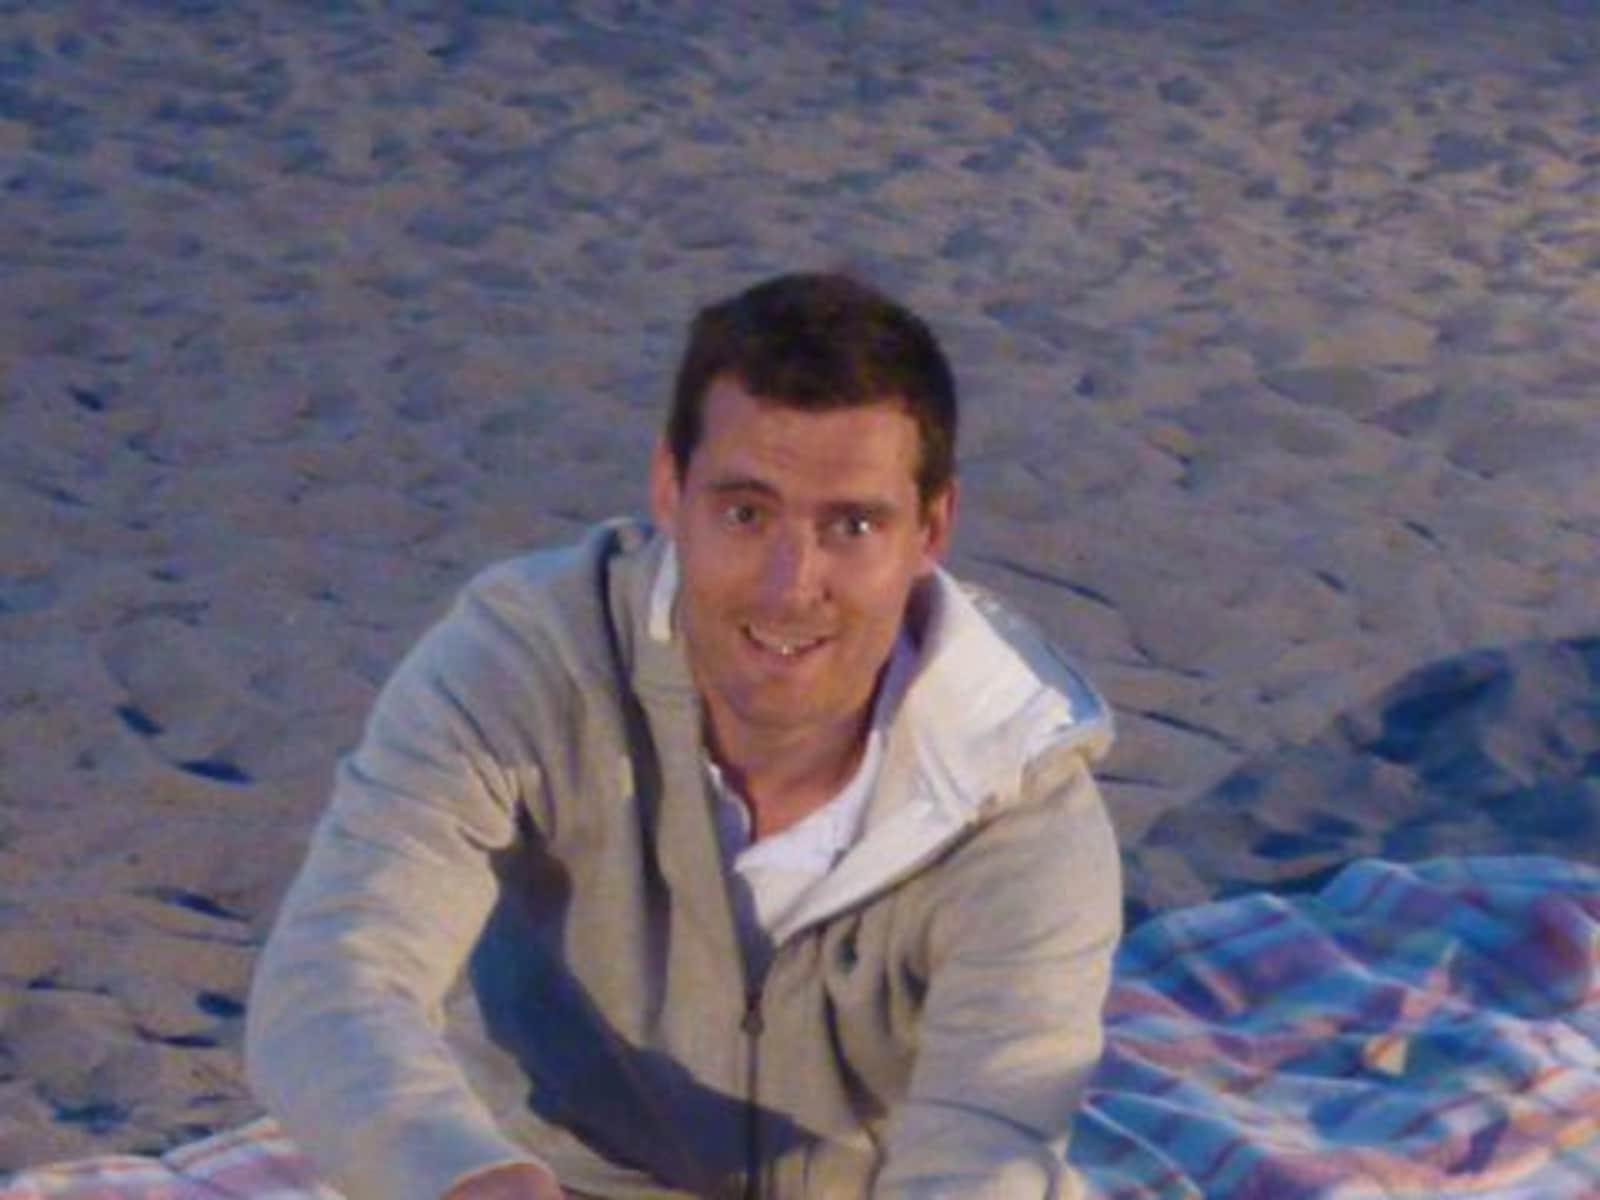 Brent from Nottingham, United Kingdom